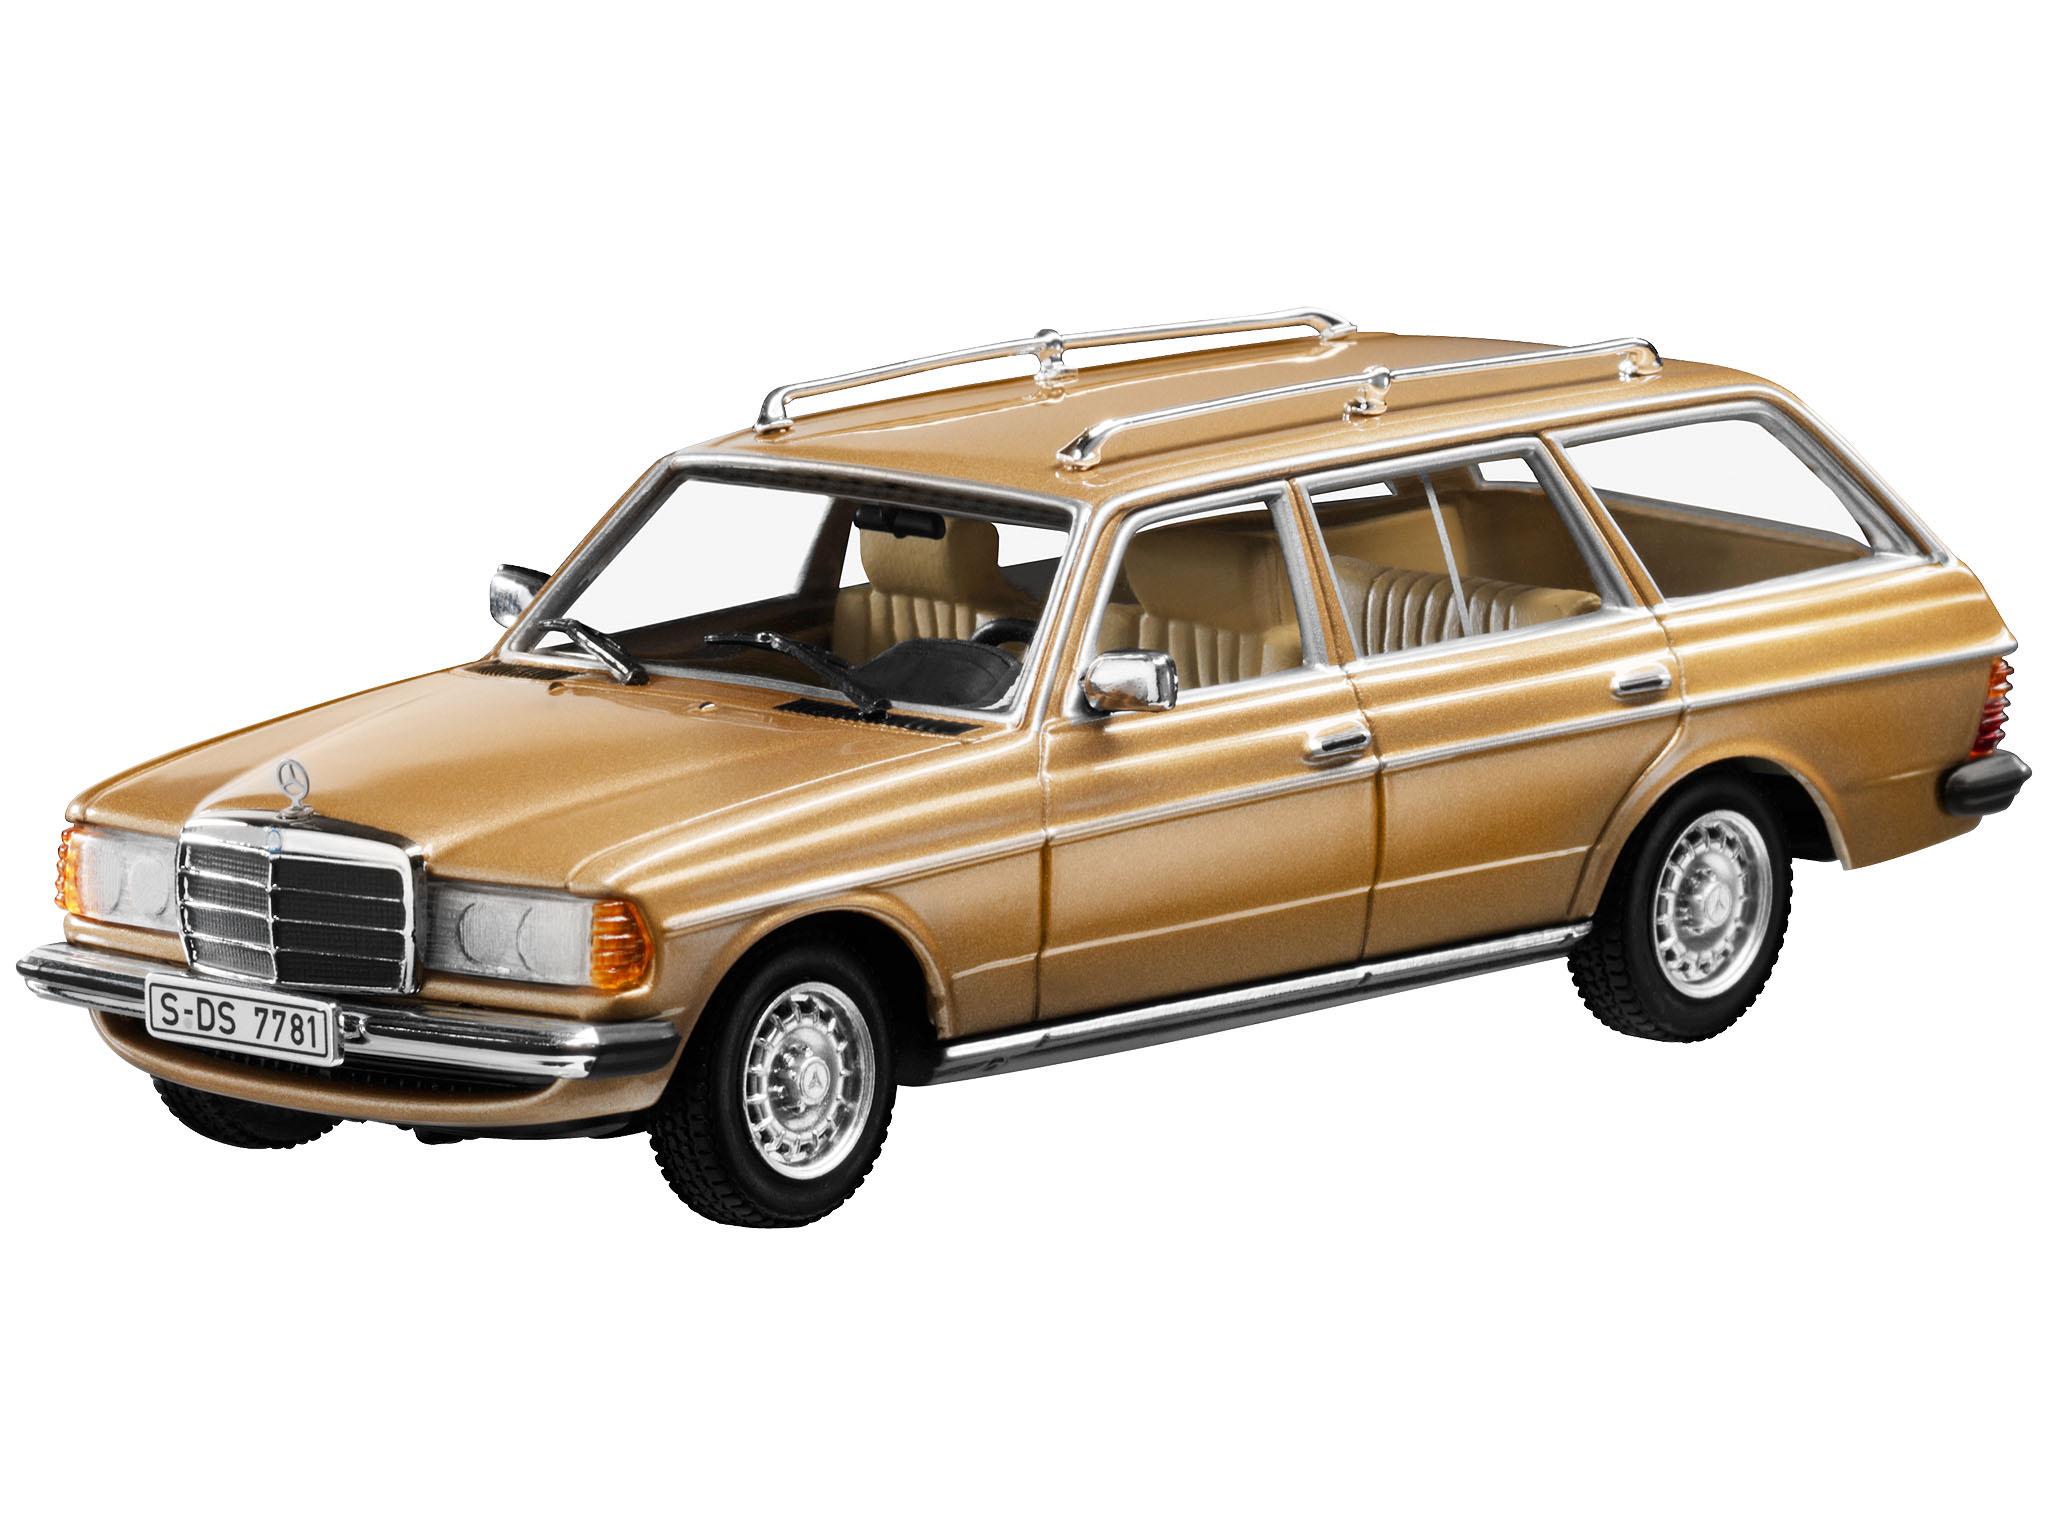 230 te s 123 1980 1986 schaalmodellen mercedes benz. Black Bedroom Furniture Sets. Home Design Ideas